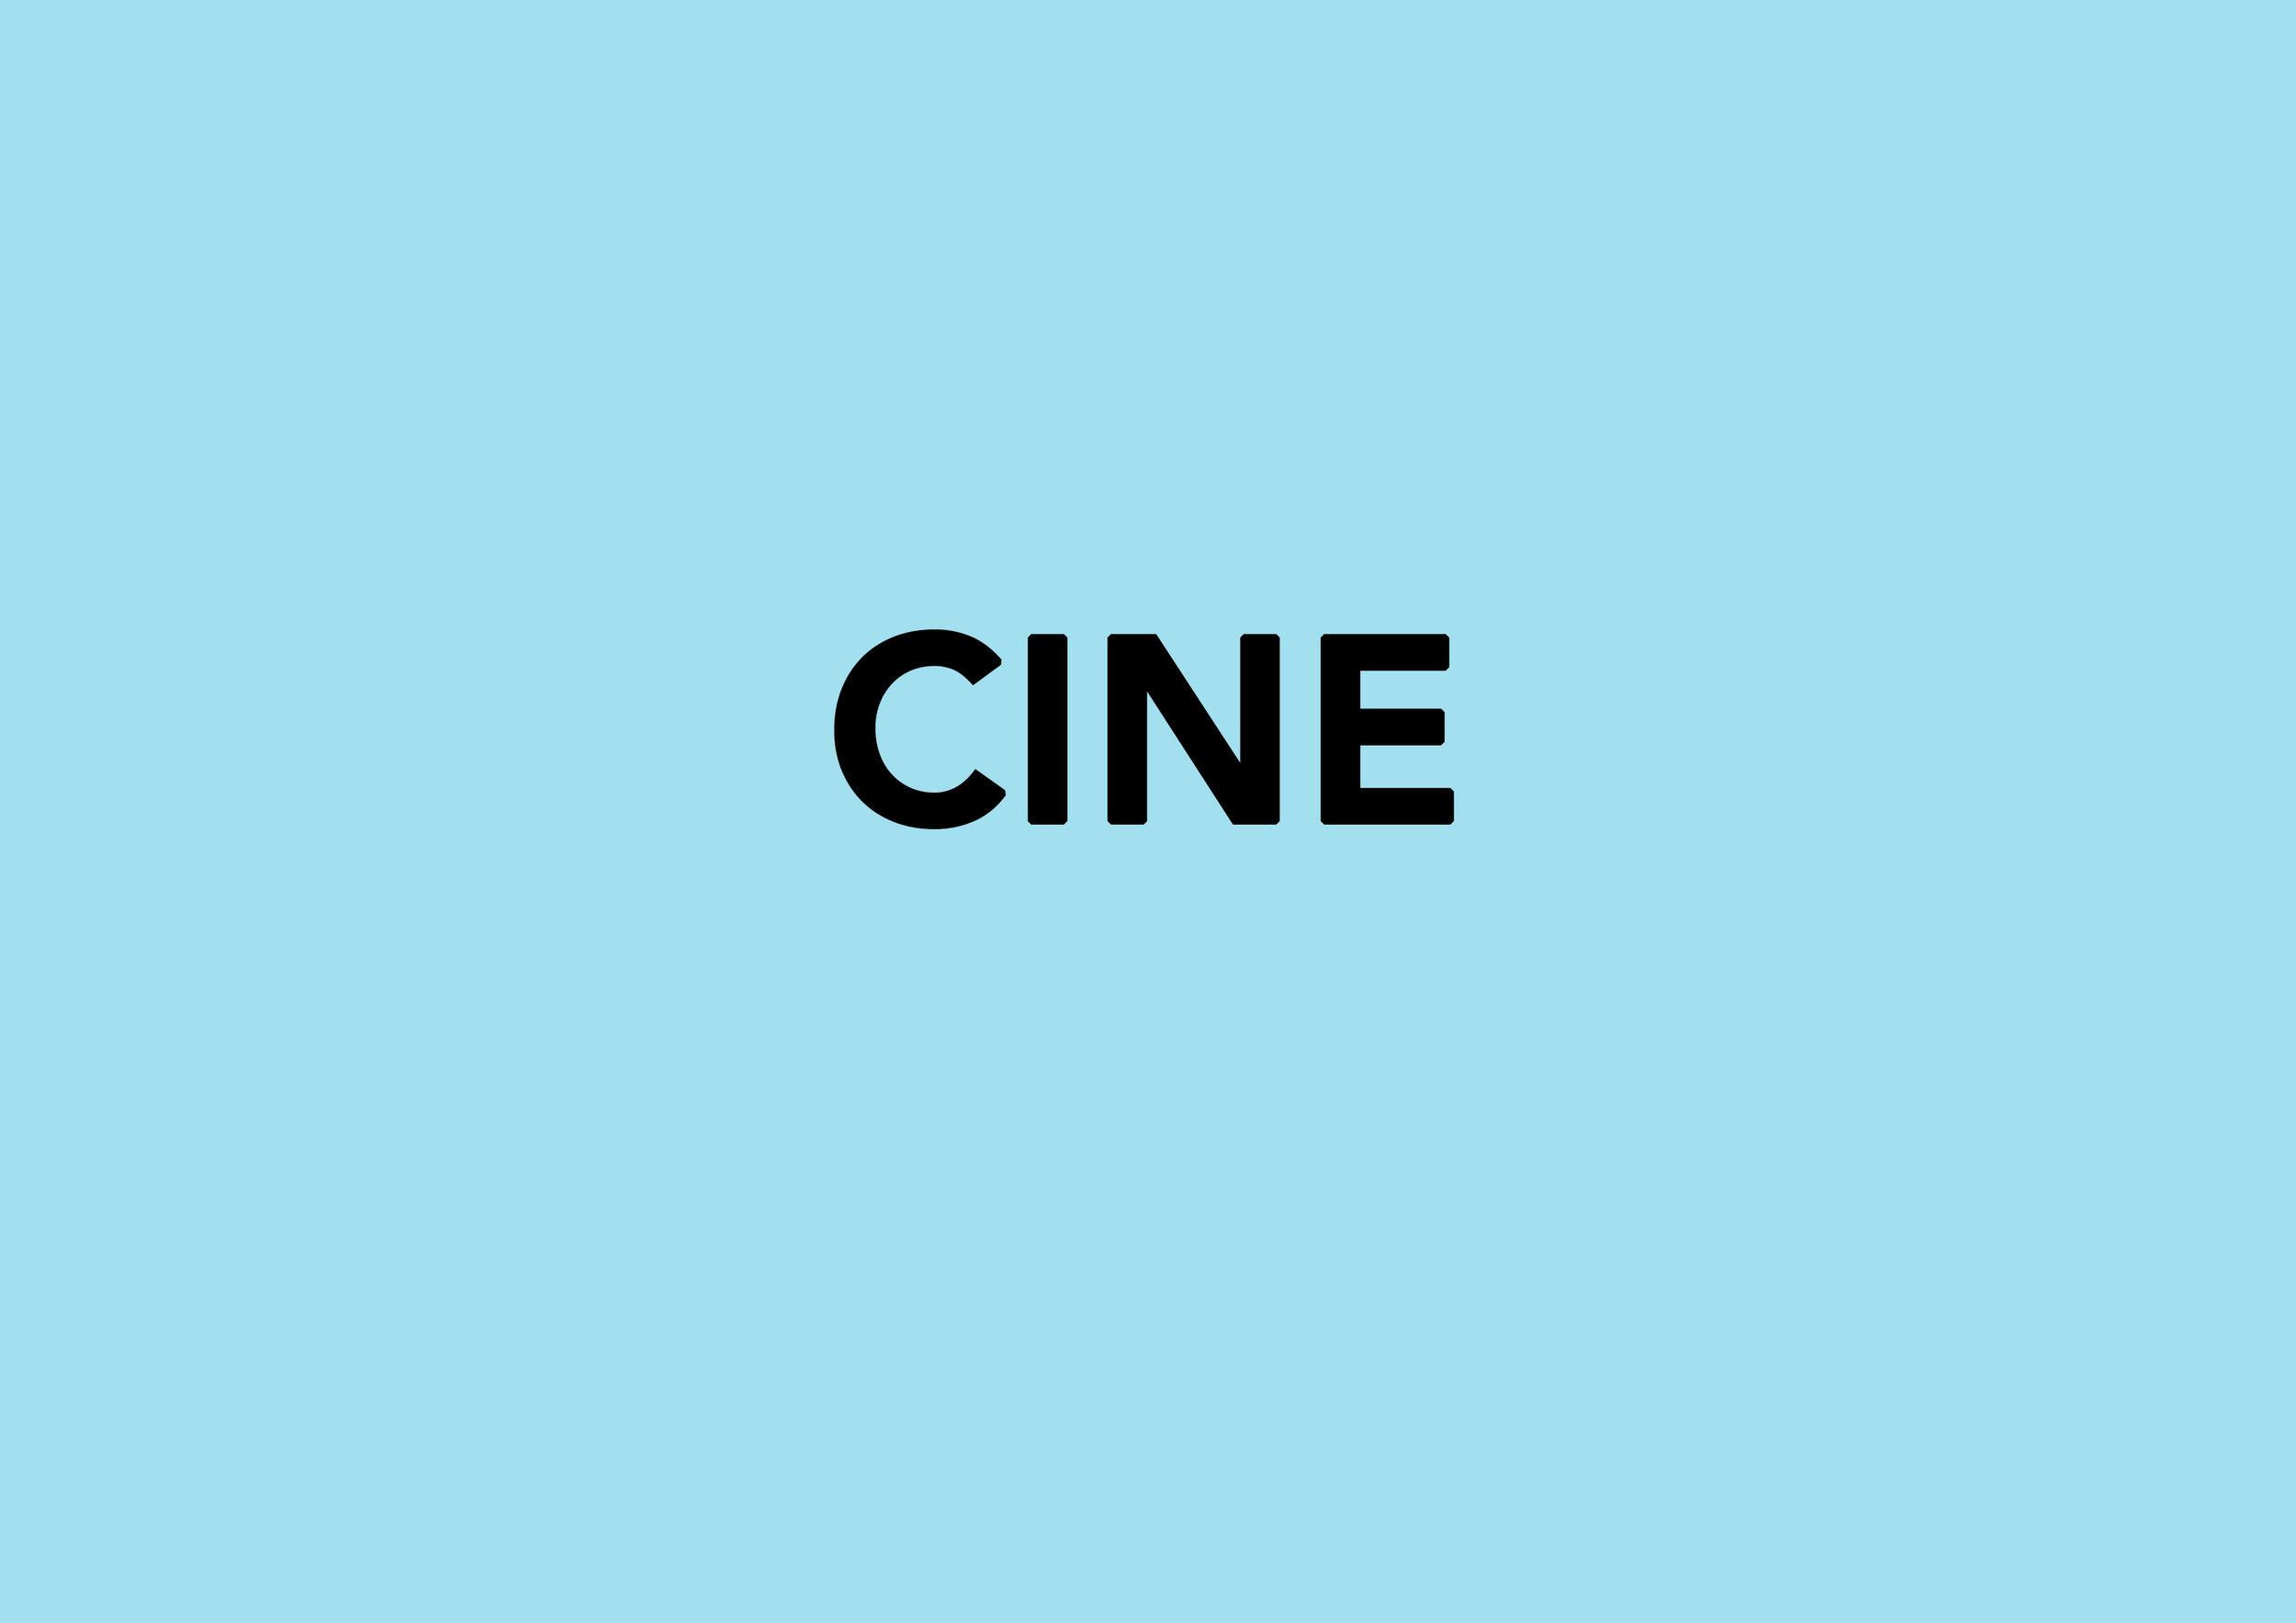 CINE.jpg